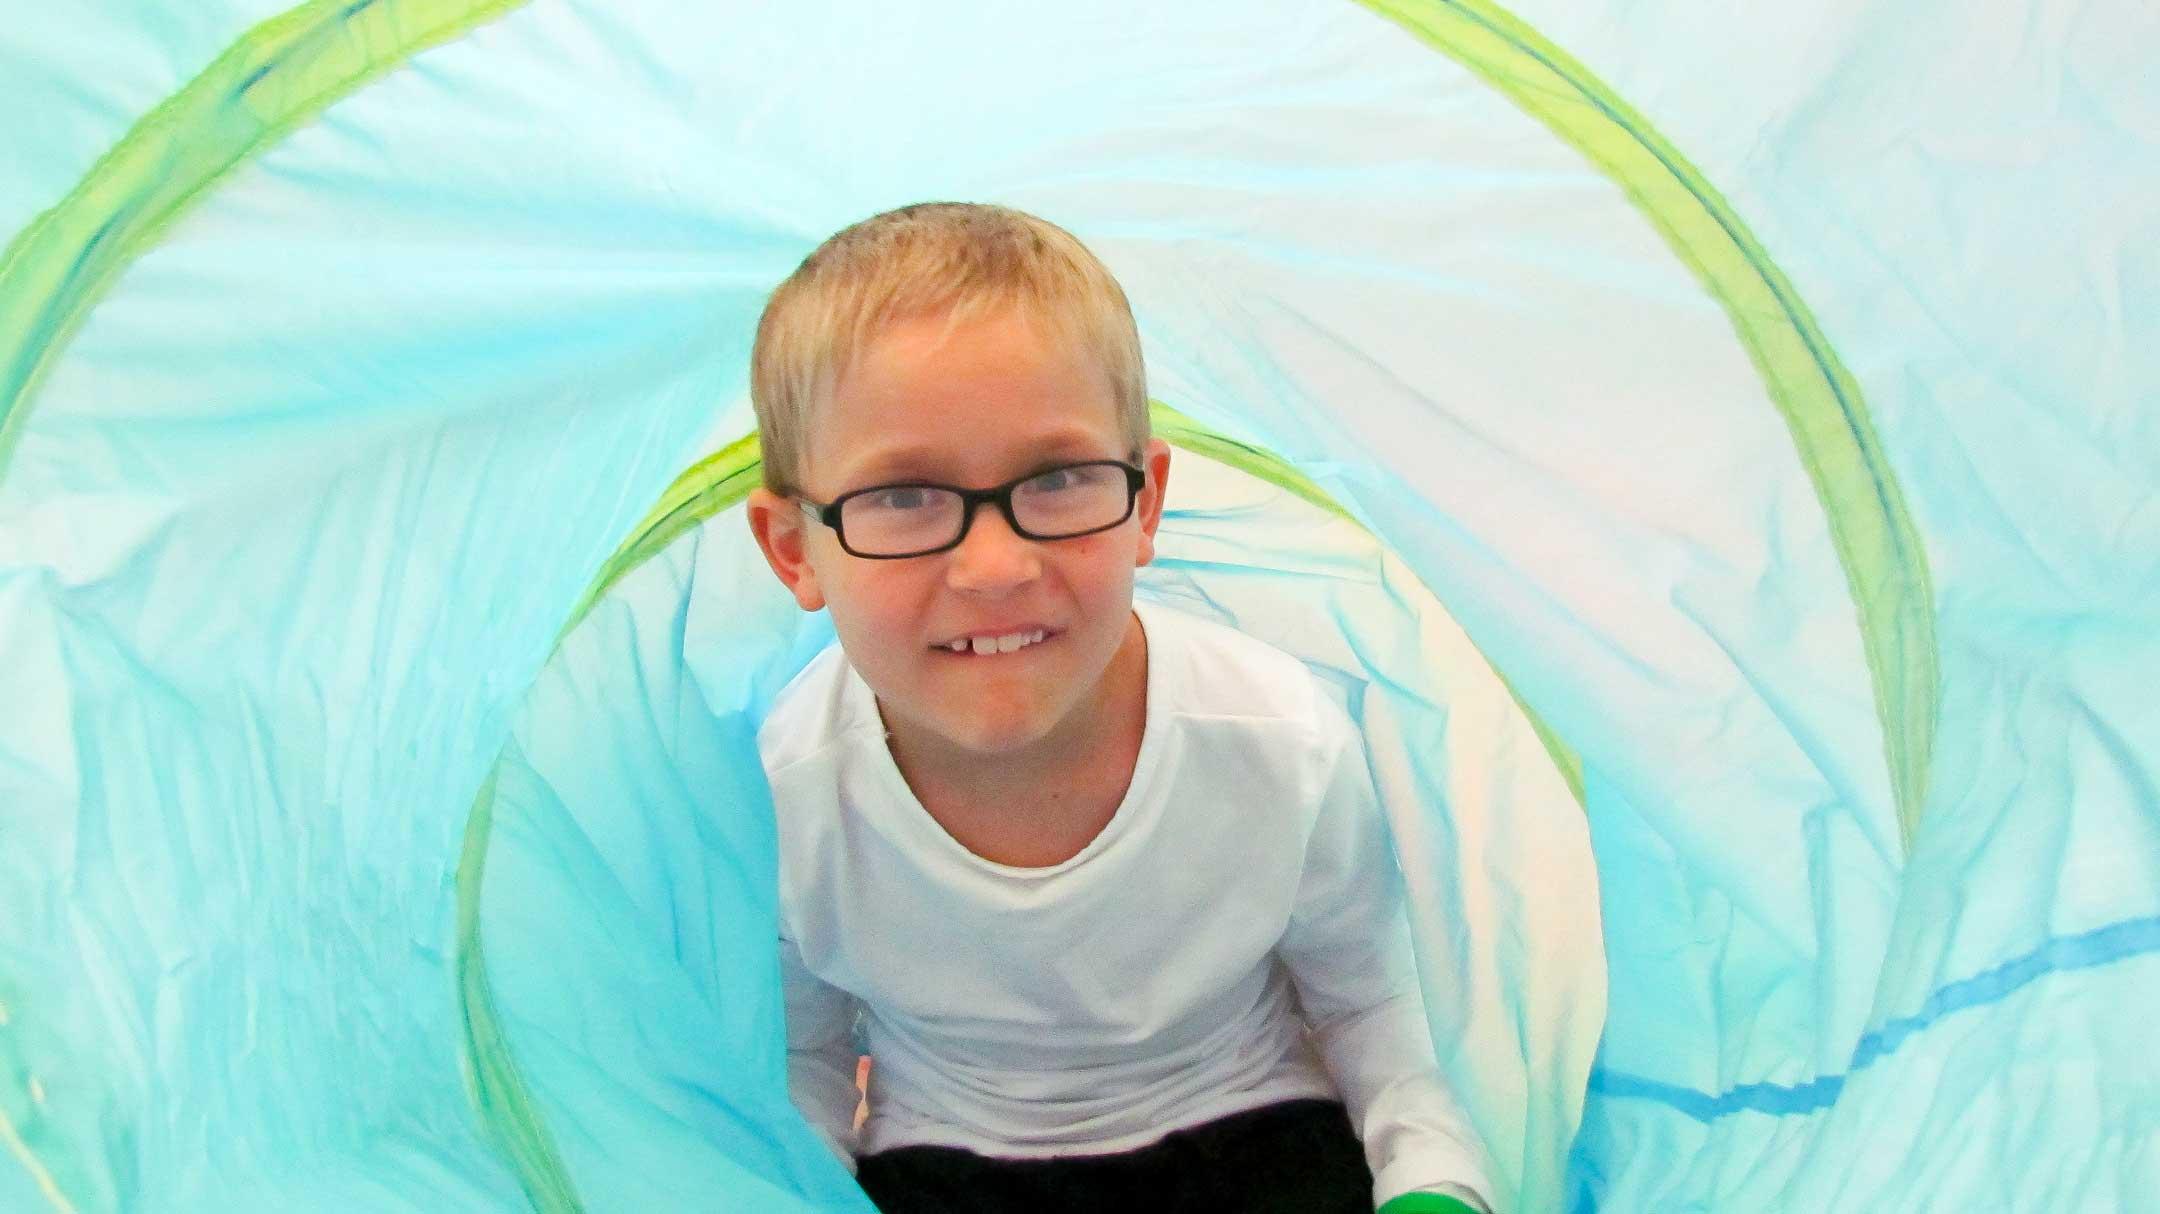 Vaalea lyhyttukkainen lapsi valkoisessa paidassa sinivihreän putken sisällä katsoo suoraan kuvaajaa.